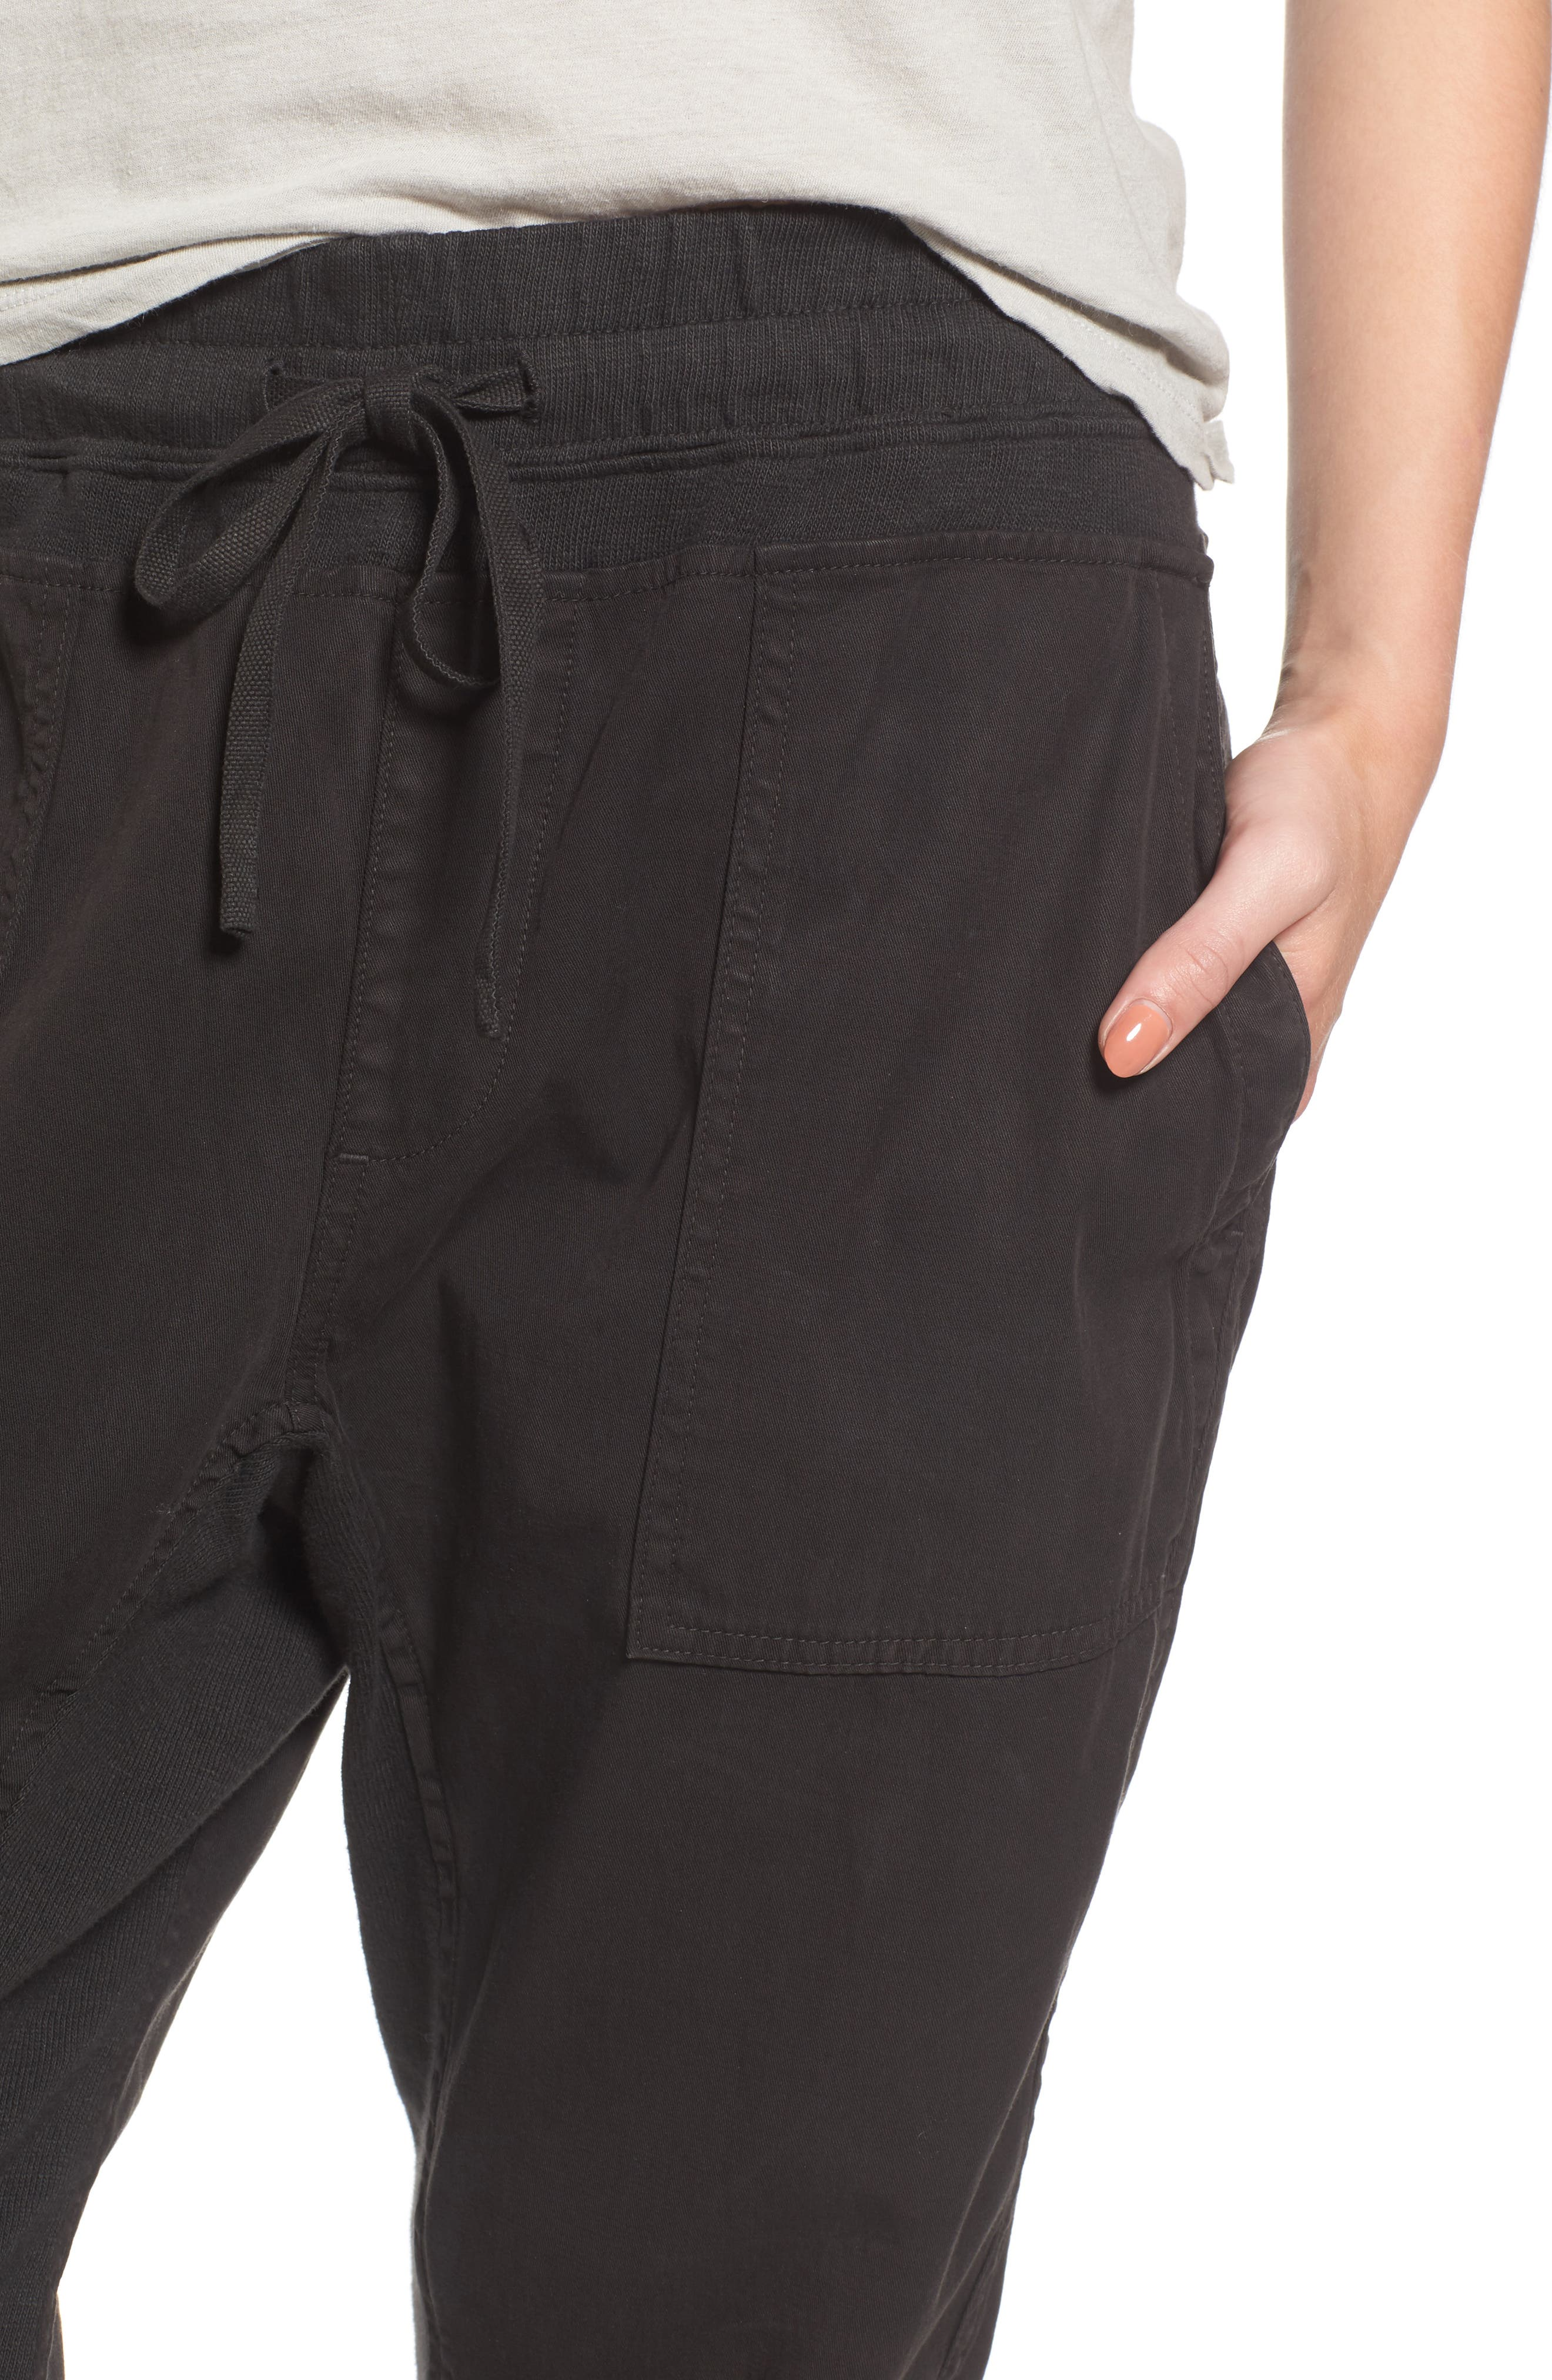 Jogger Pants,                             Alternate thumbnail 4, color,                             Carbon